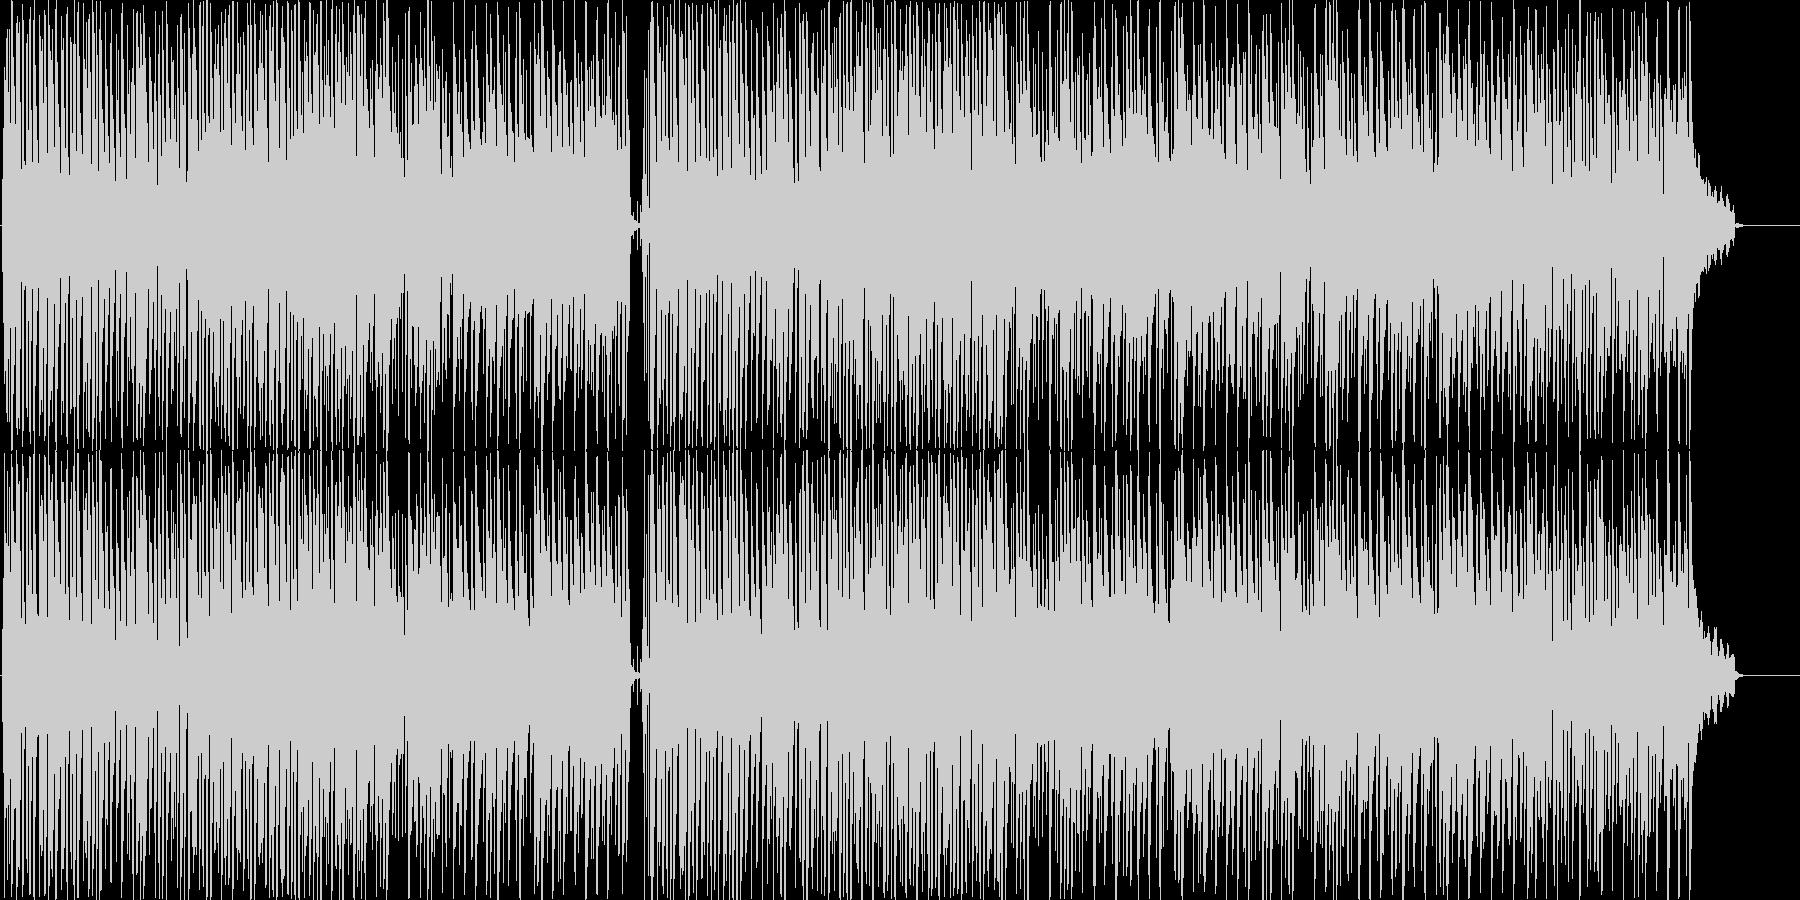 琴のほのぼのとした感じのゆっくりした曲調の未再生の波形